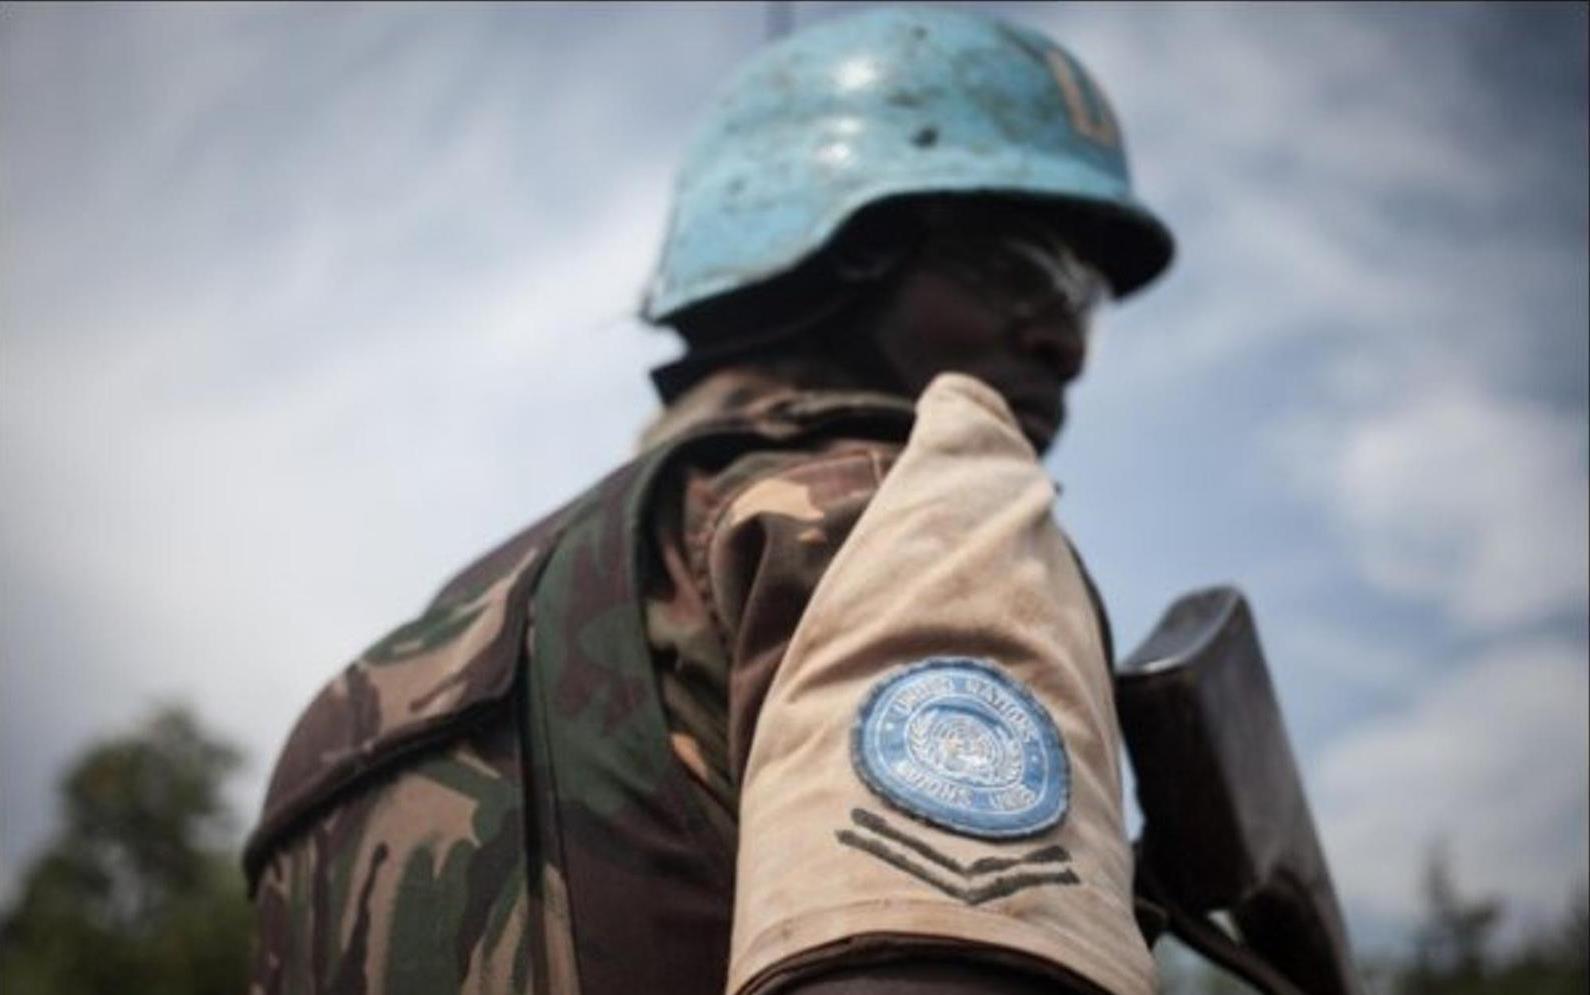 إصابة ثلاثة من عناصر قوات حفظ السلام بجروح خطرة في هجوم شمال مالي